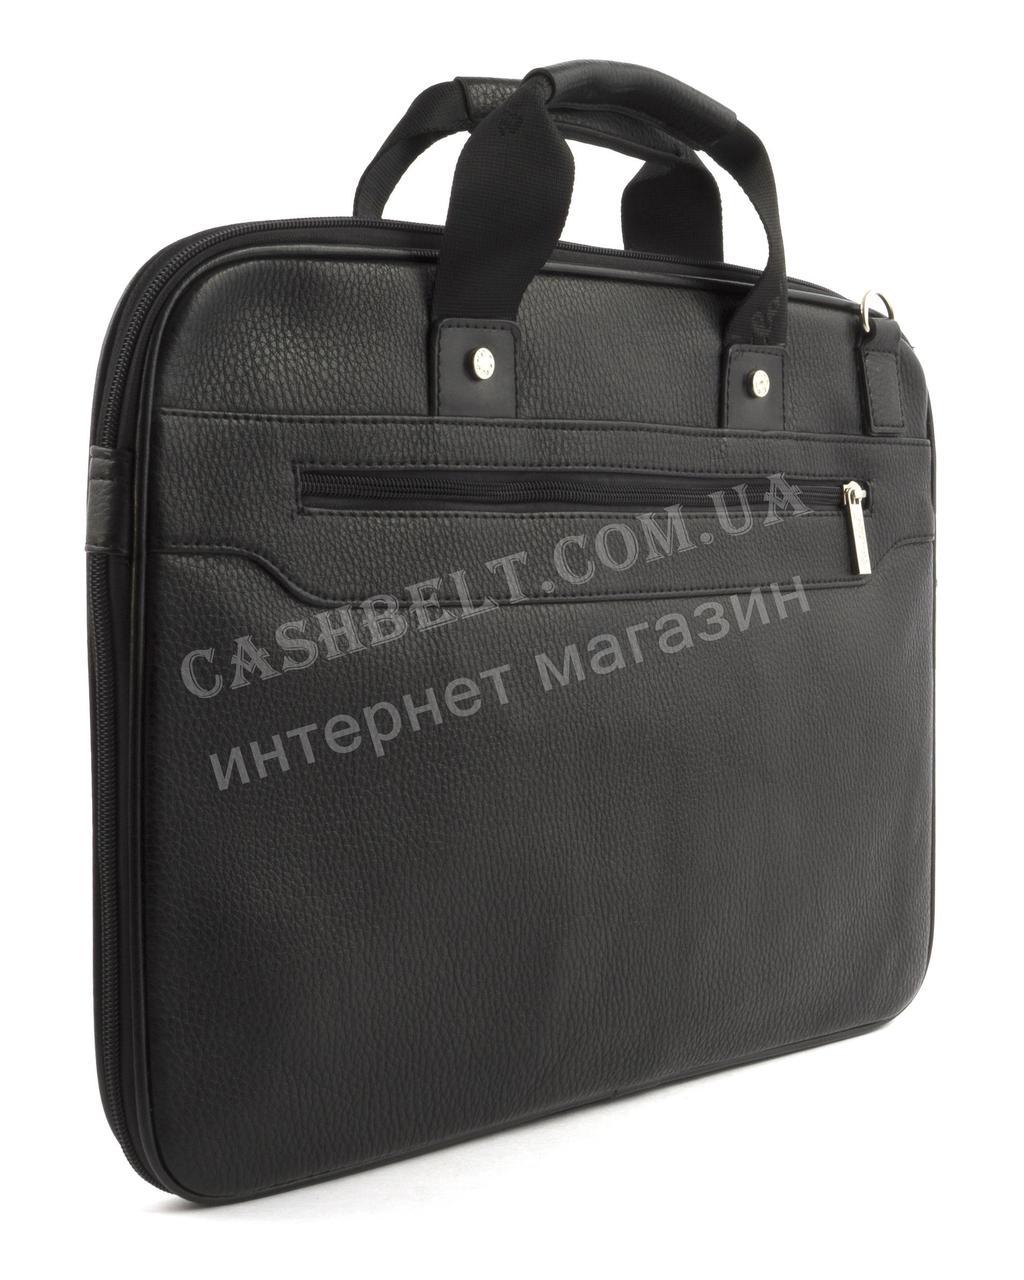 1a4282197044 Вместительная мужская сумка для документов с качественной PU кожи CANTLOR  art. 704-1 черный Вместительная ...